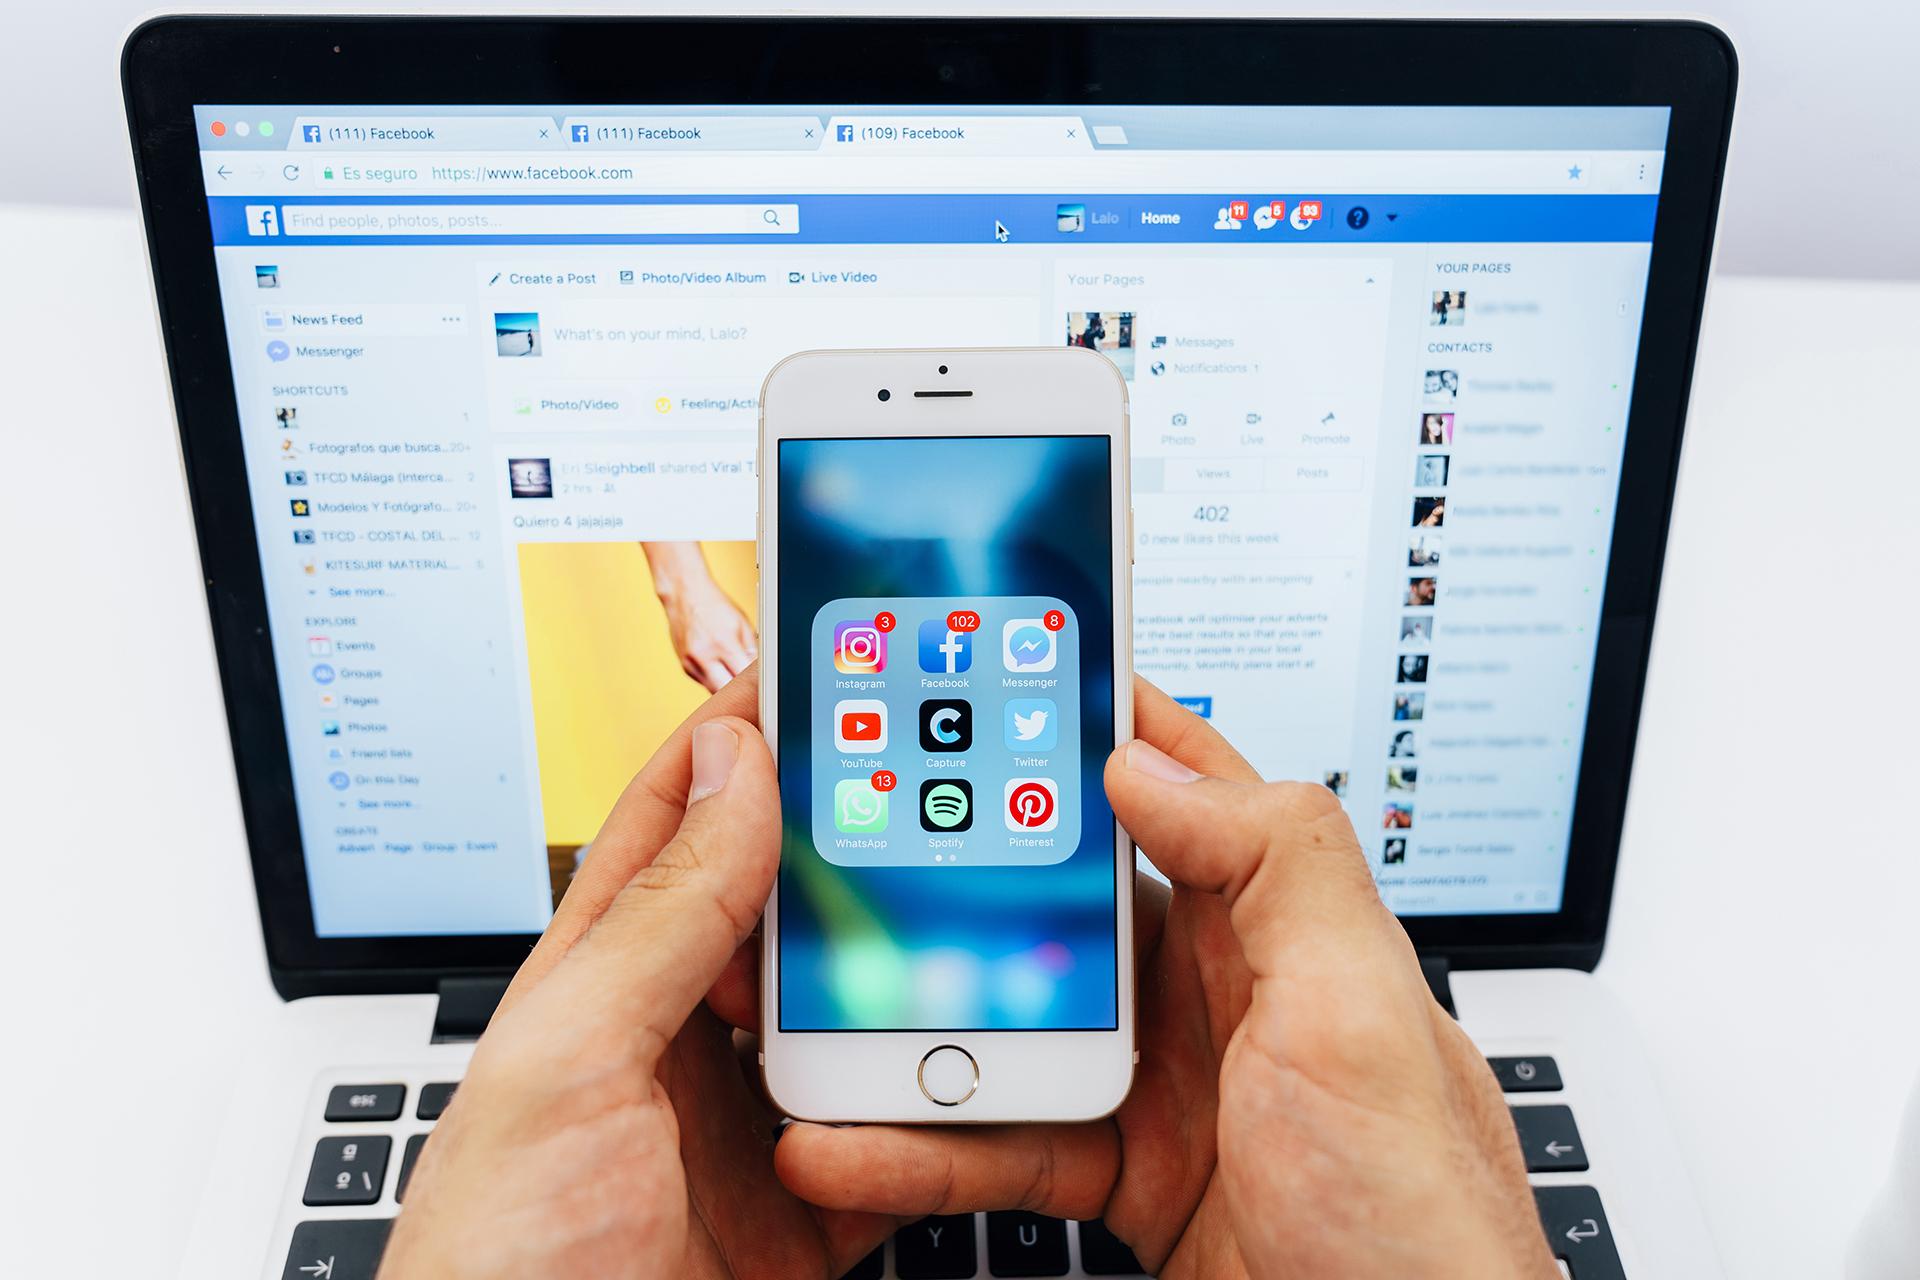 La cuarentena y el teletrabajo se toman las redes sociales